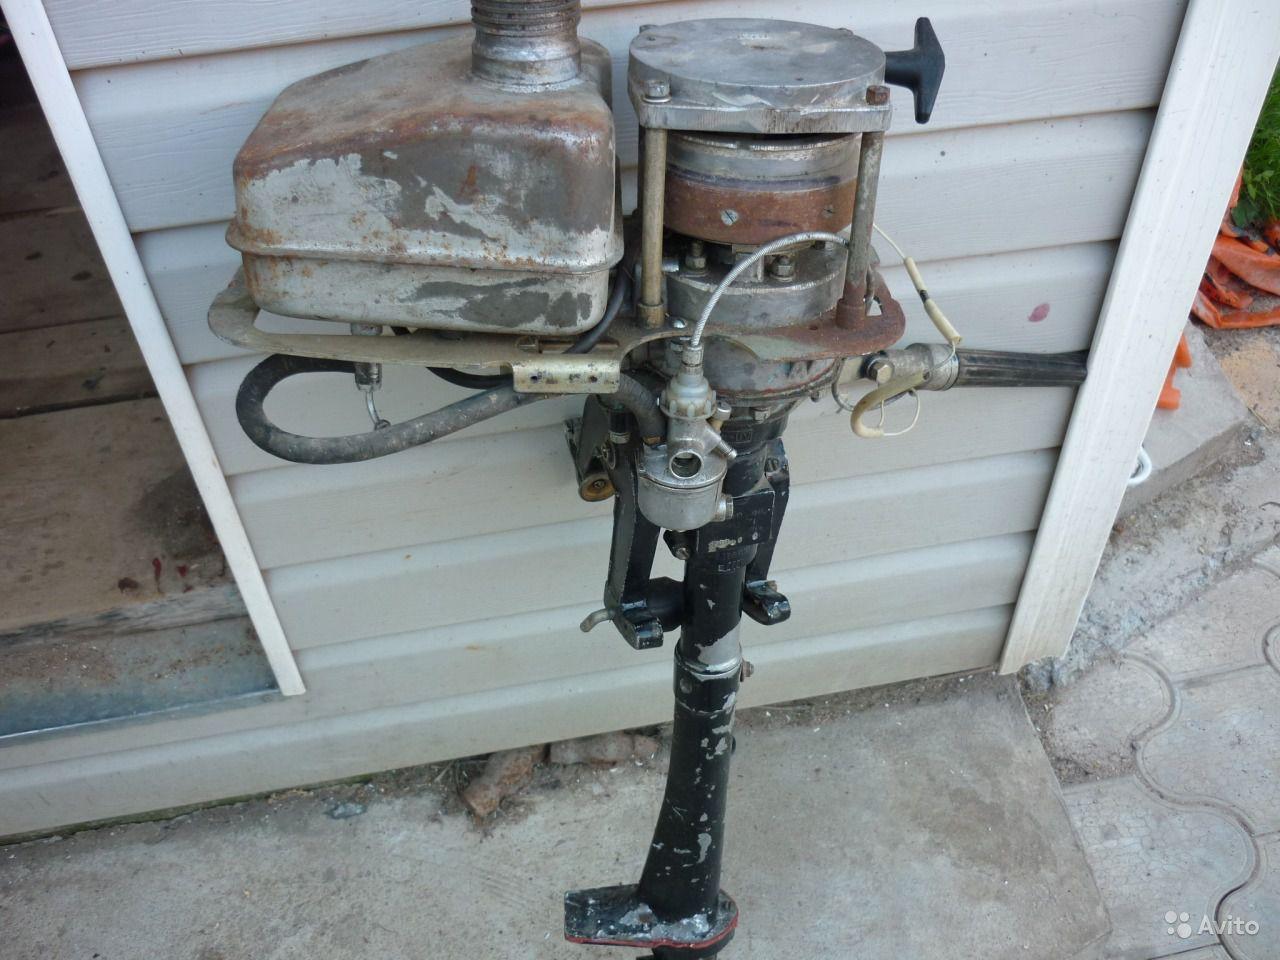 Мотор салют ремонт своими руками